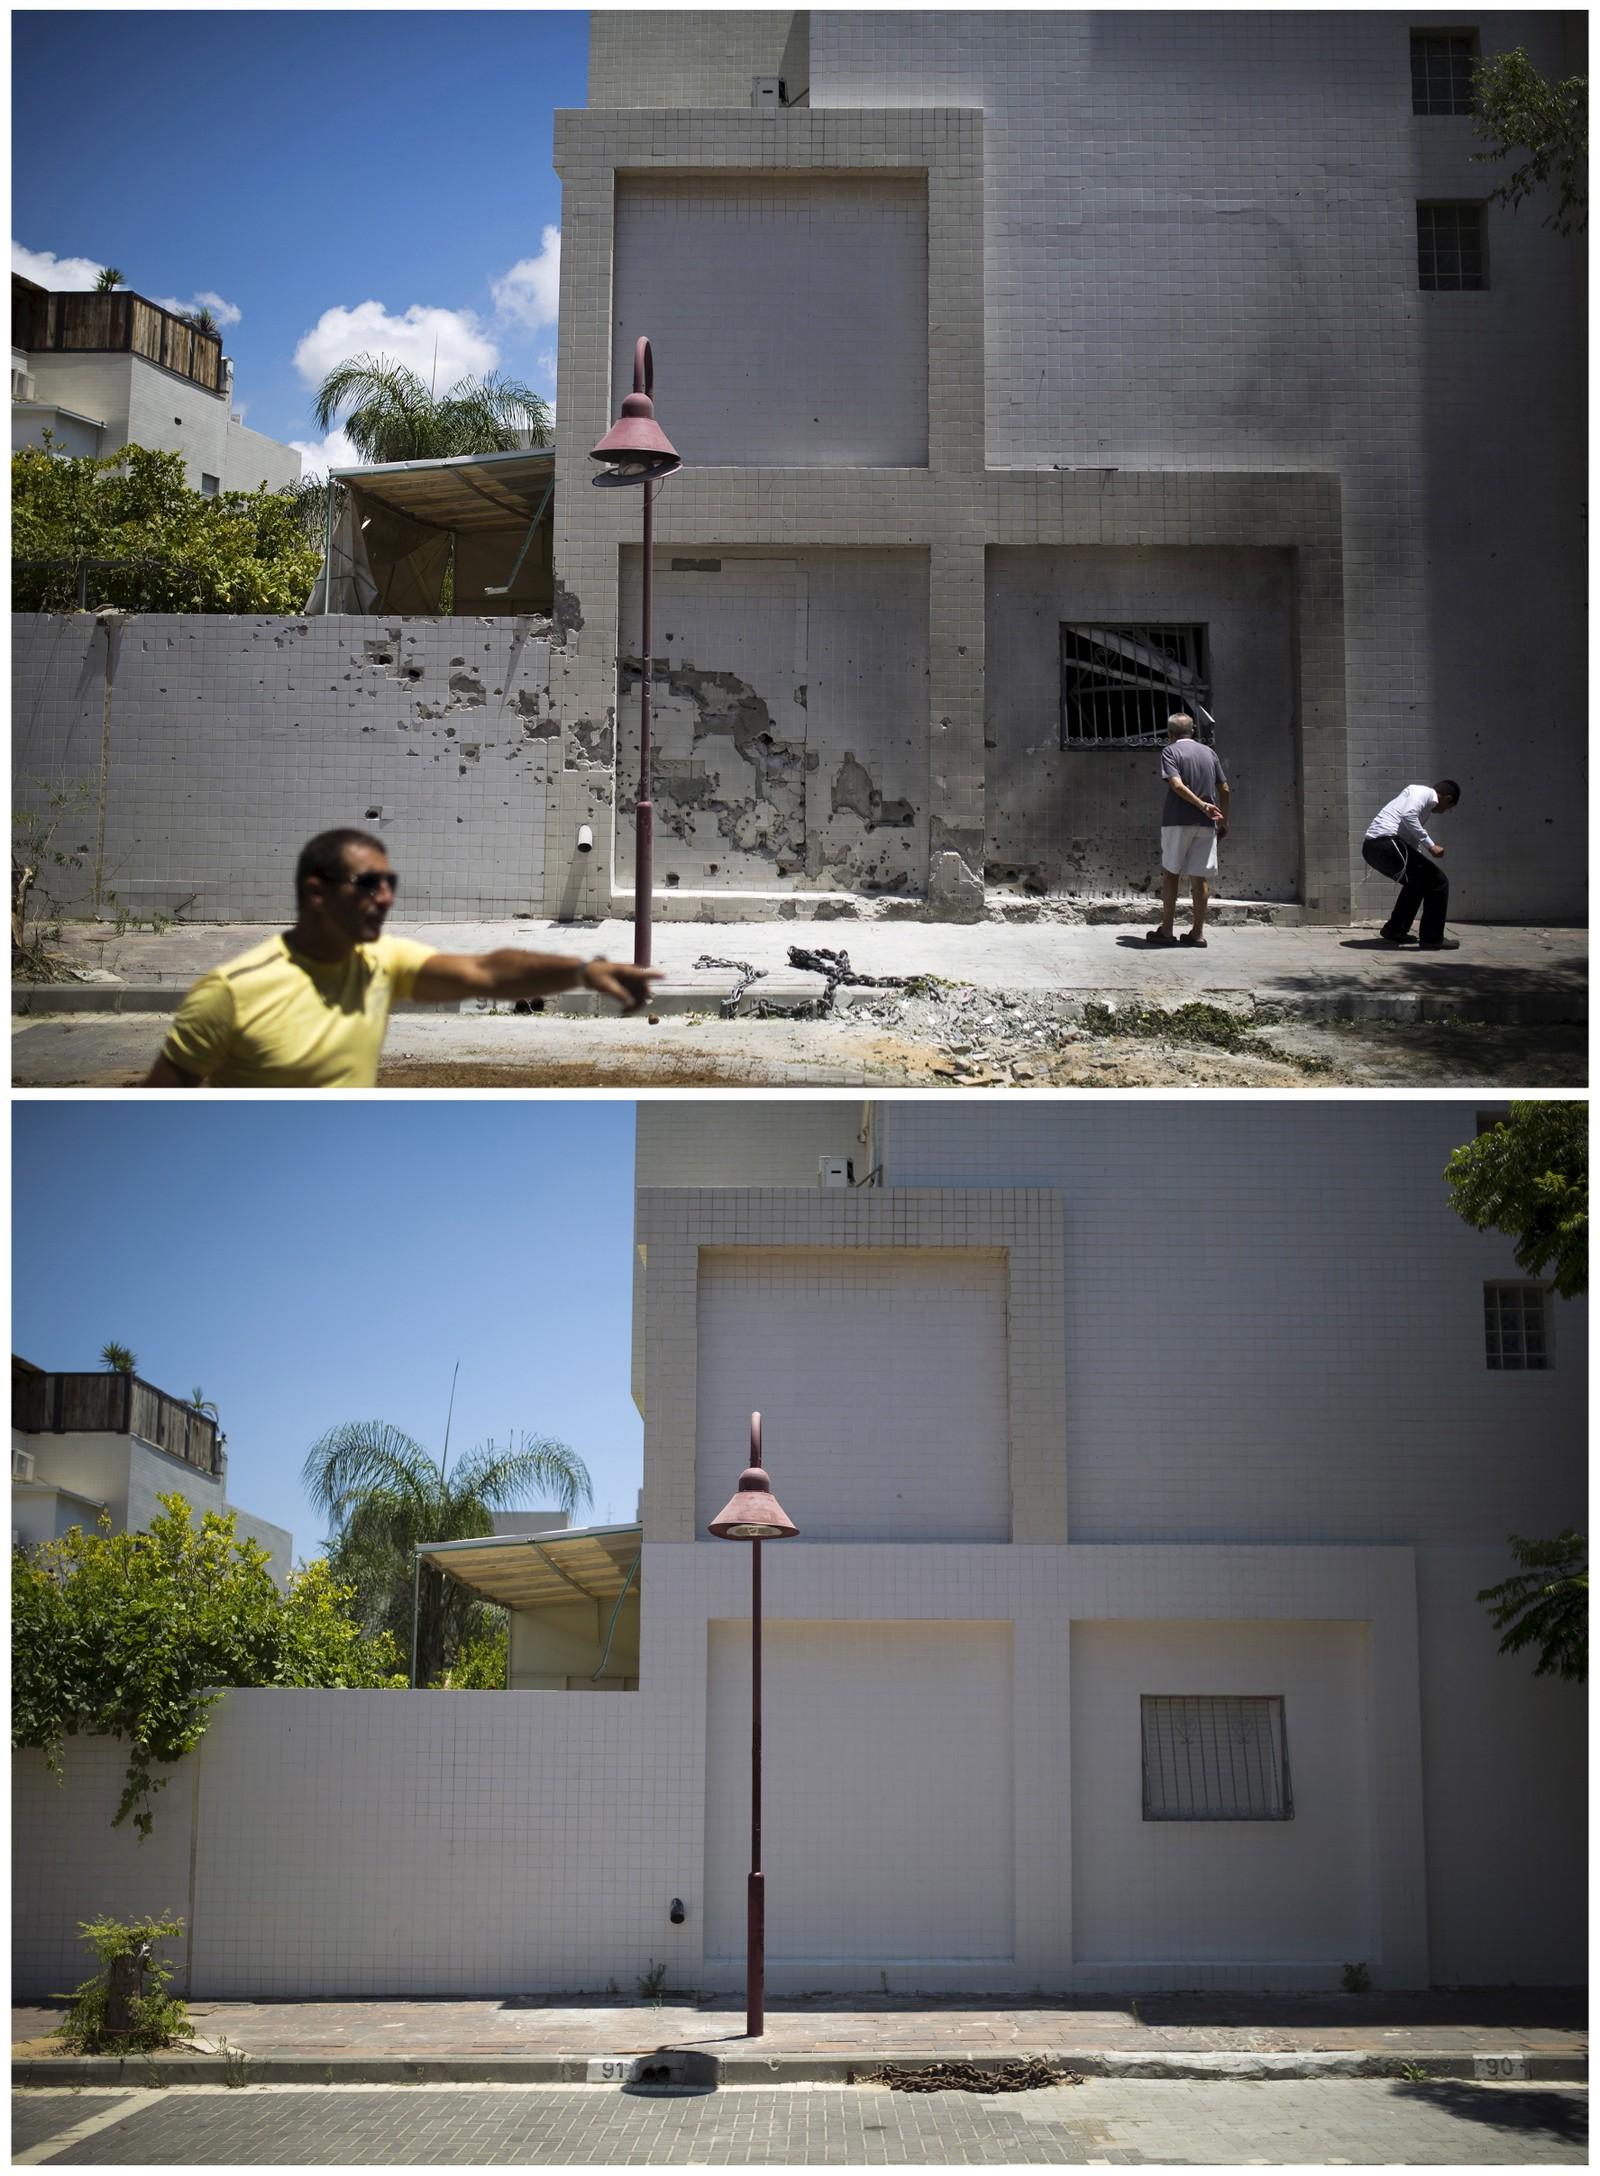 Israelere i Ashdod samler seg rundt stedet der en rakett avfyrt fra Gazastripen landet 14. juli i fjor. Ett år senere (bildet under) er det få tegn til dramatikken som utspilte seg forrige sommer.